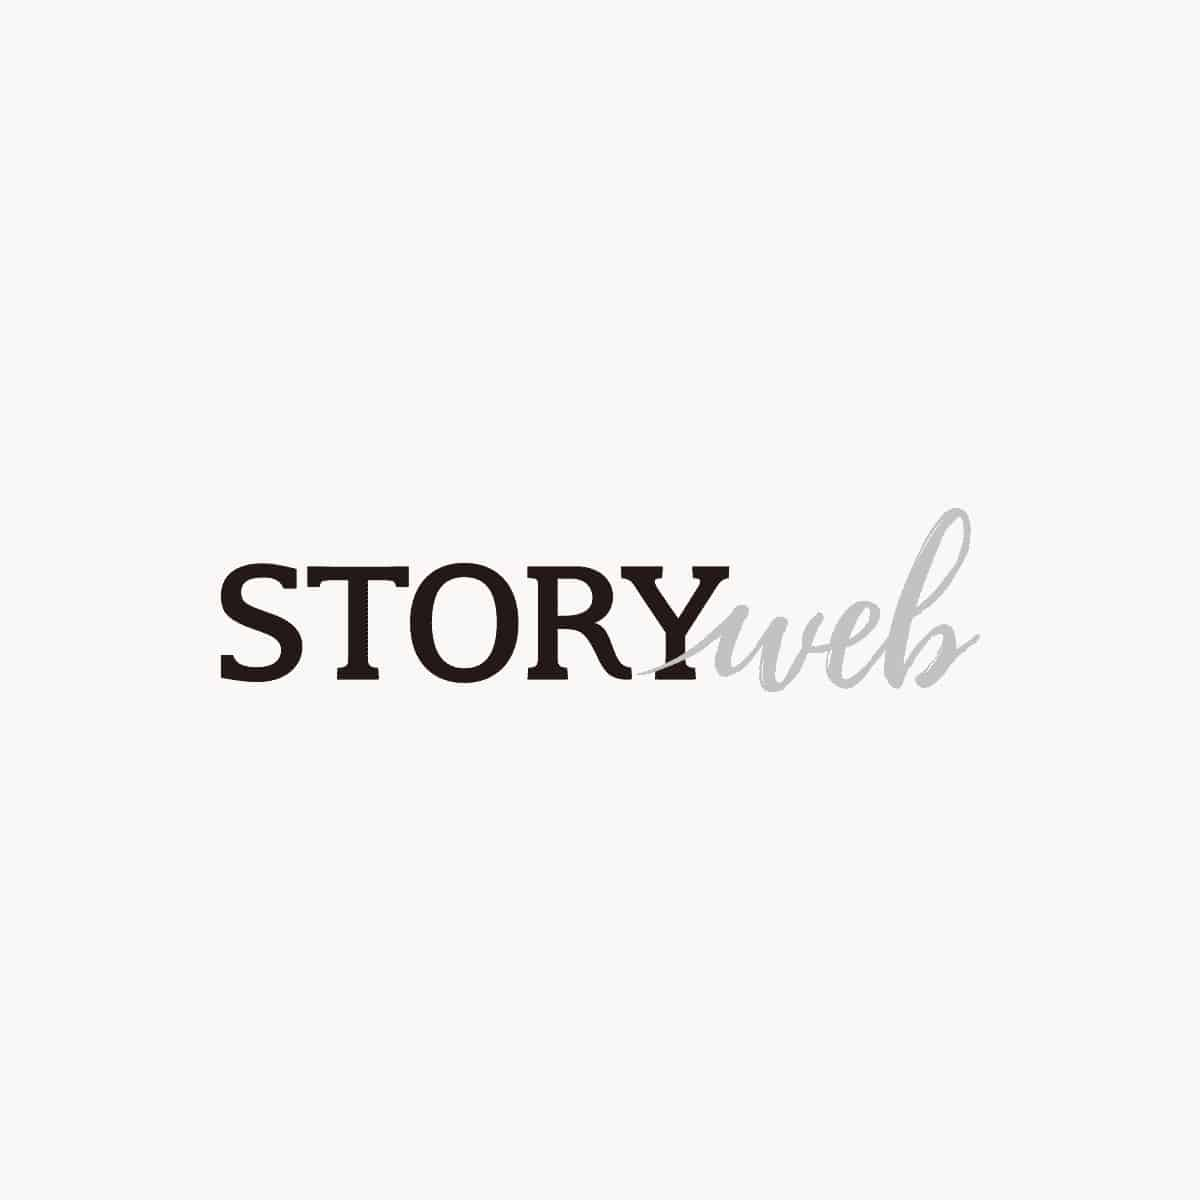 6月号 超絶男子図鑑 News増田貴久さん裏話 Story ストーリィ